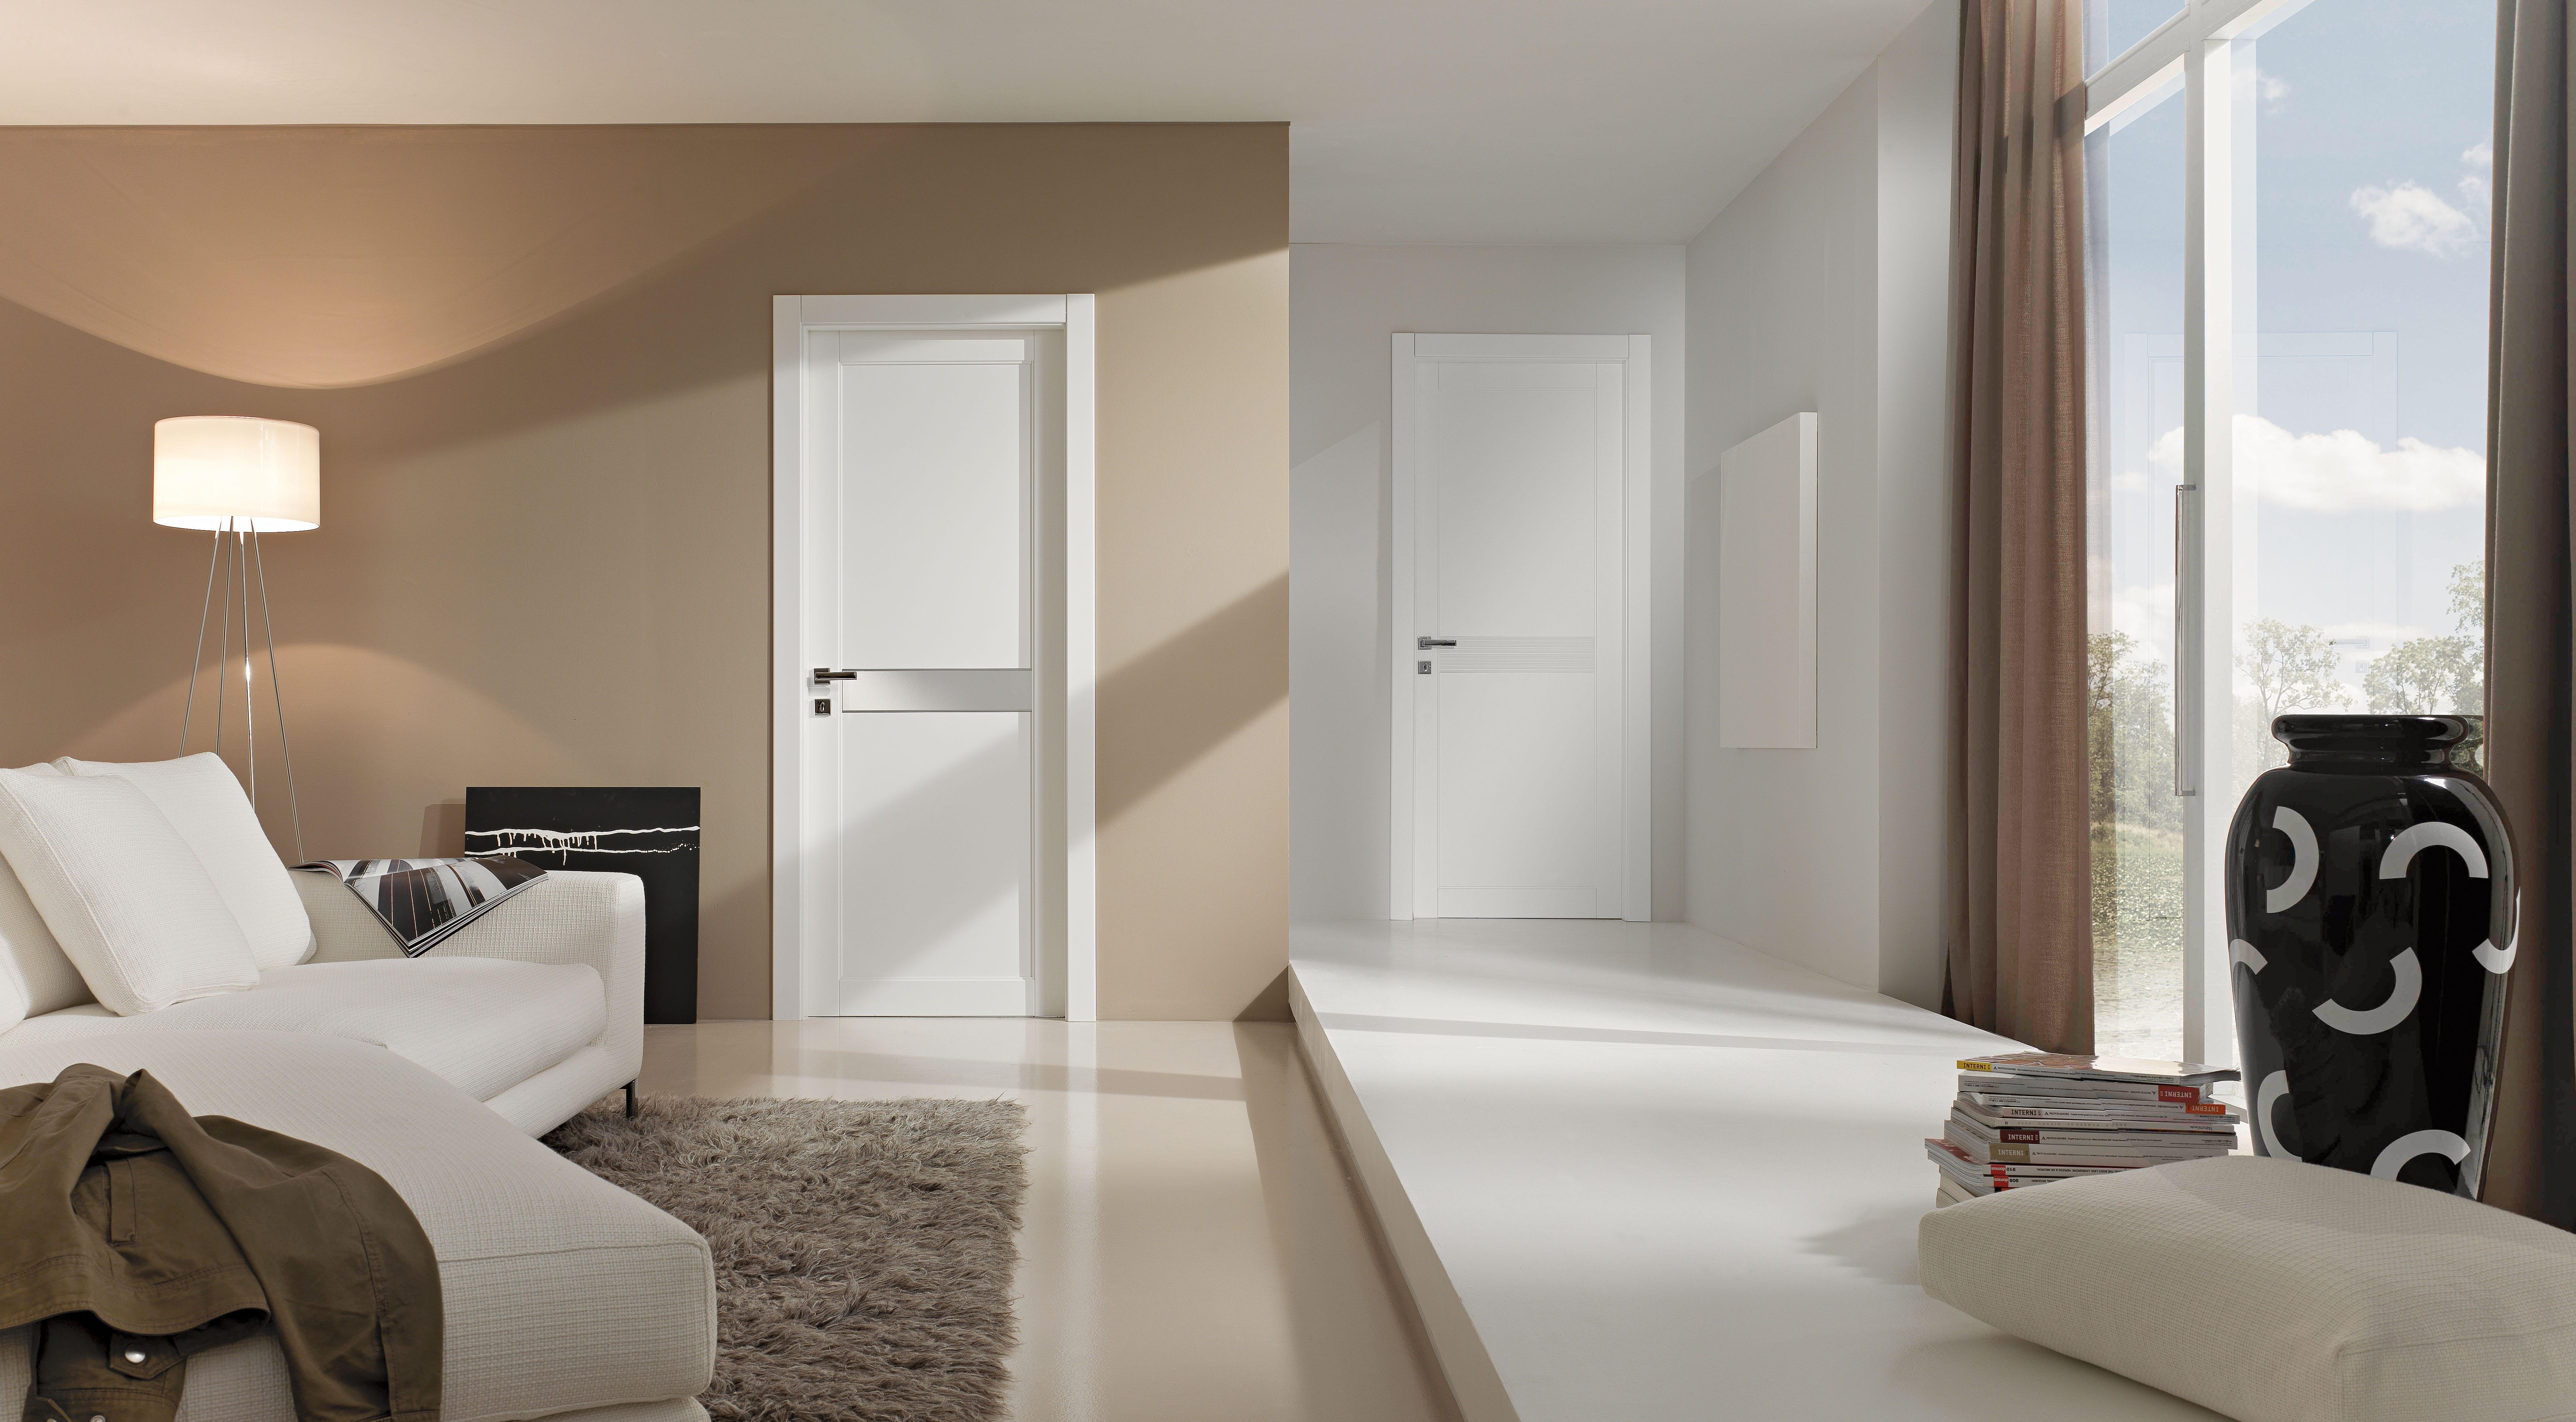 wohnzimmer braun mit sofa weiß und gardinen braun-luxus interior design